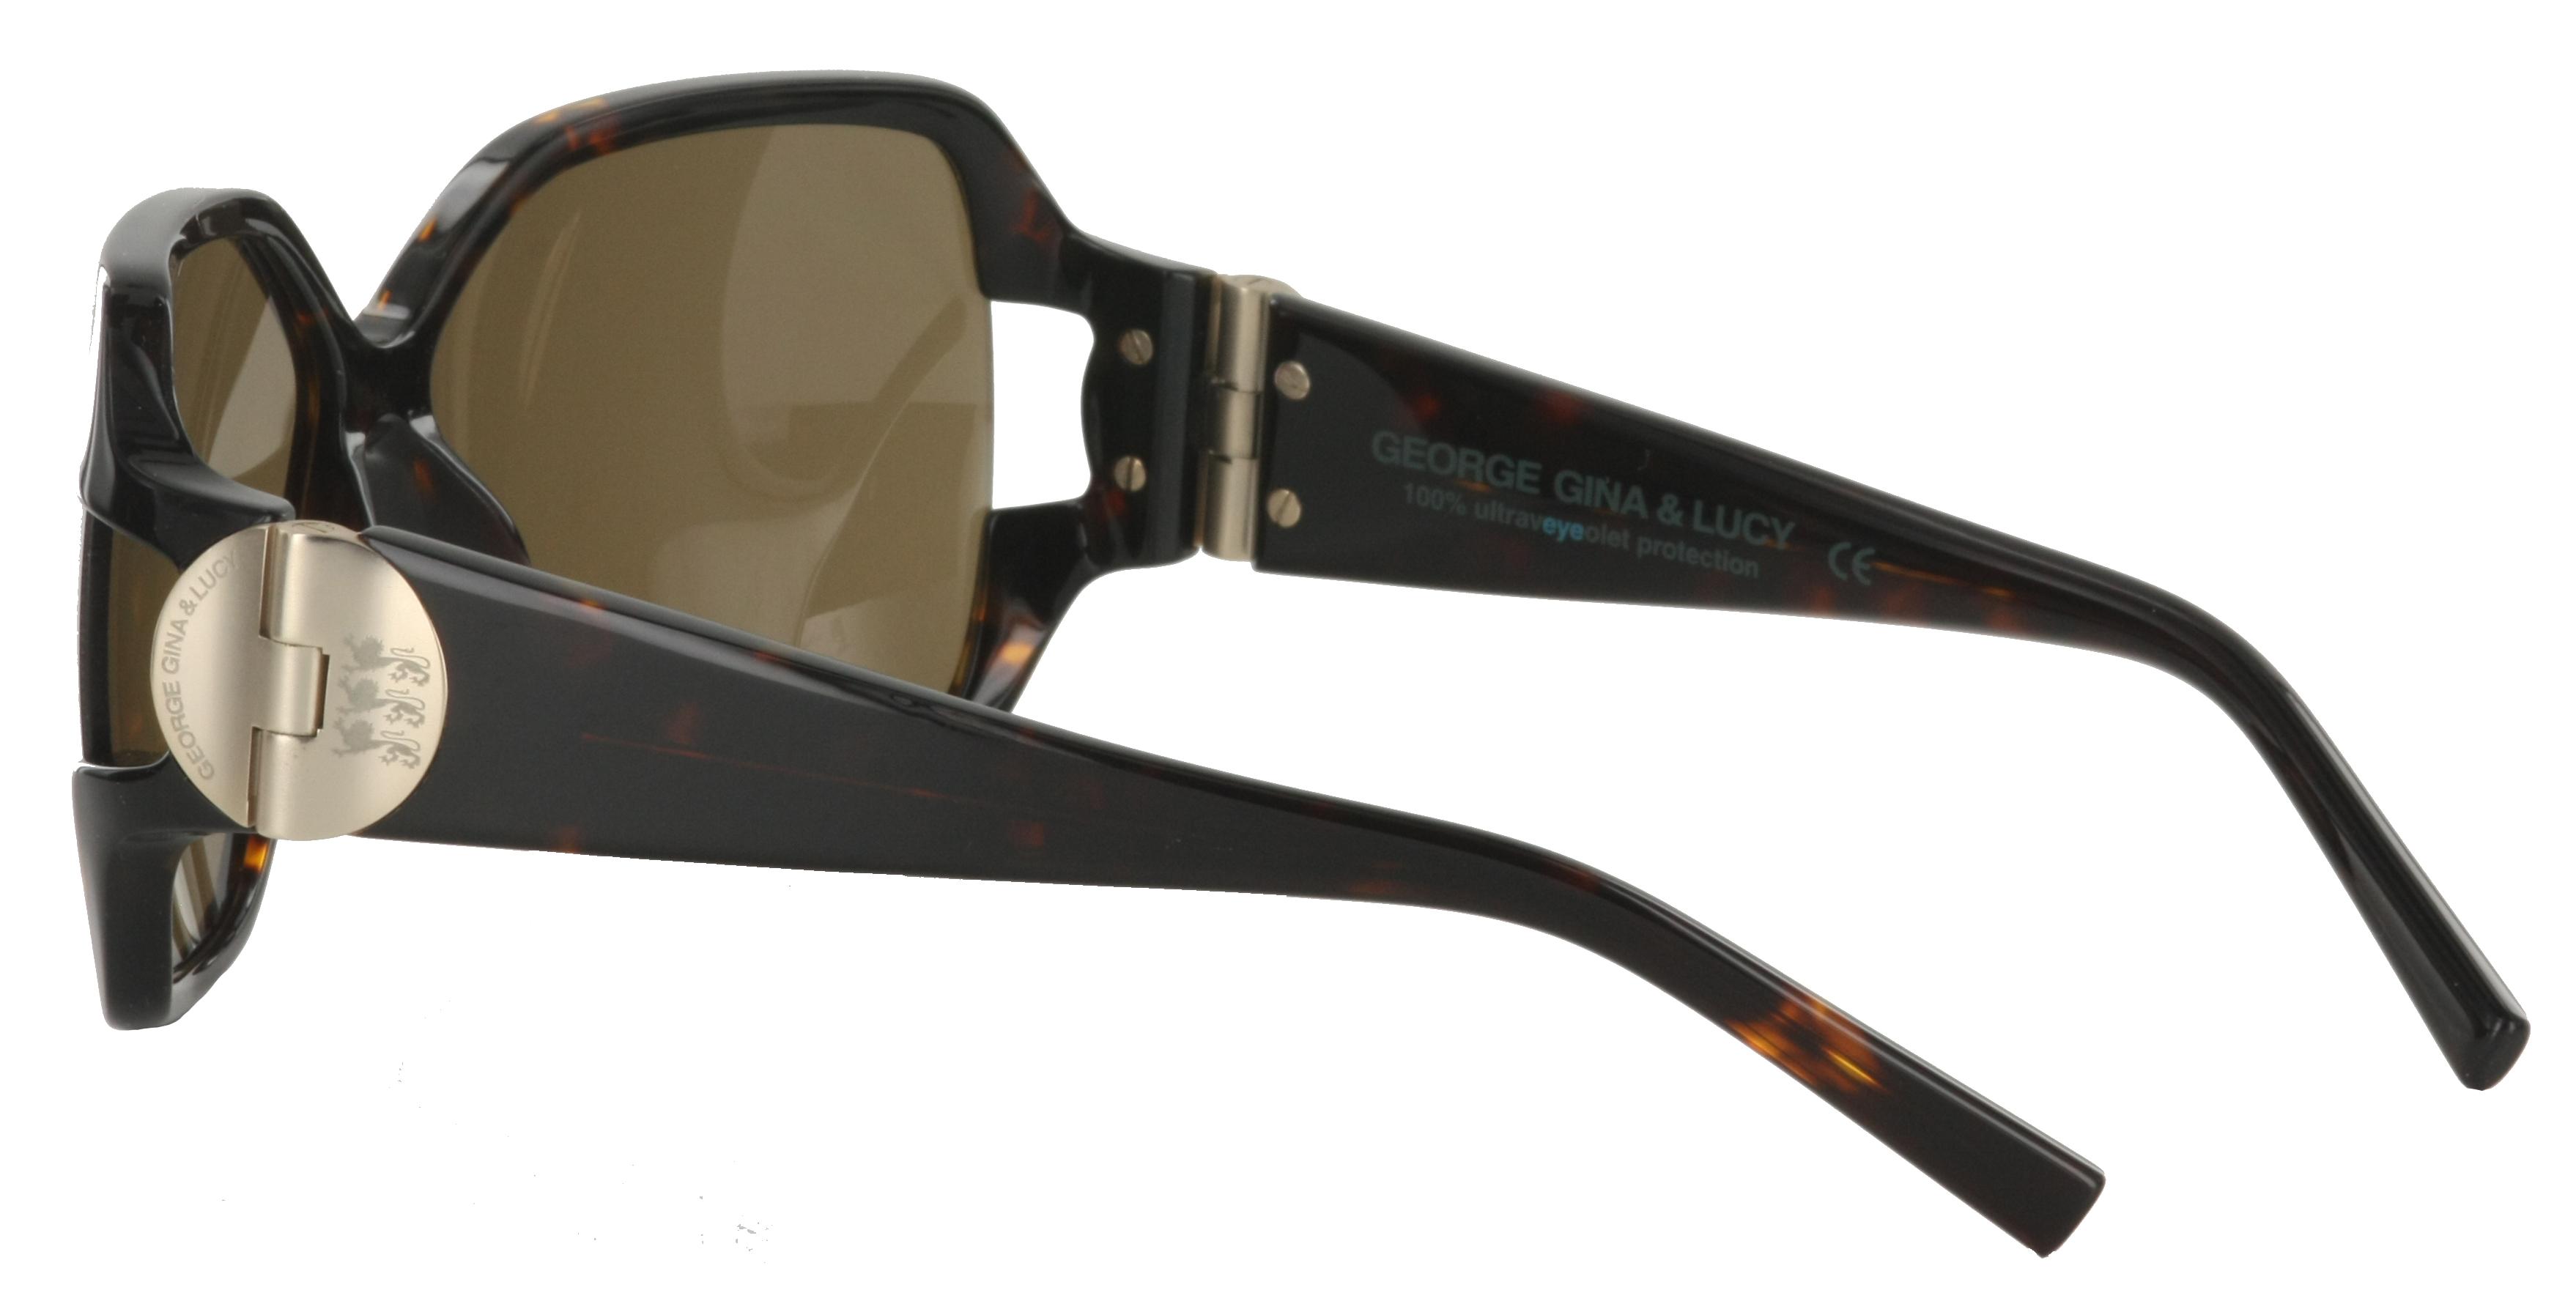 Damen Sonnenbrille braun Damen Brille Havanna Leyemesoda GEORGE GINA & LUCY